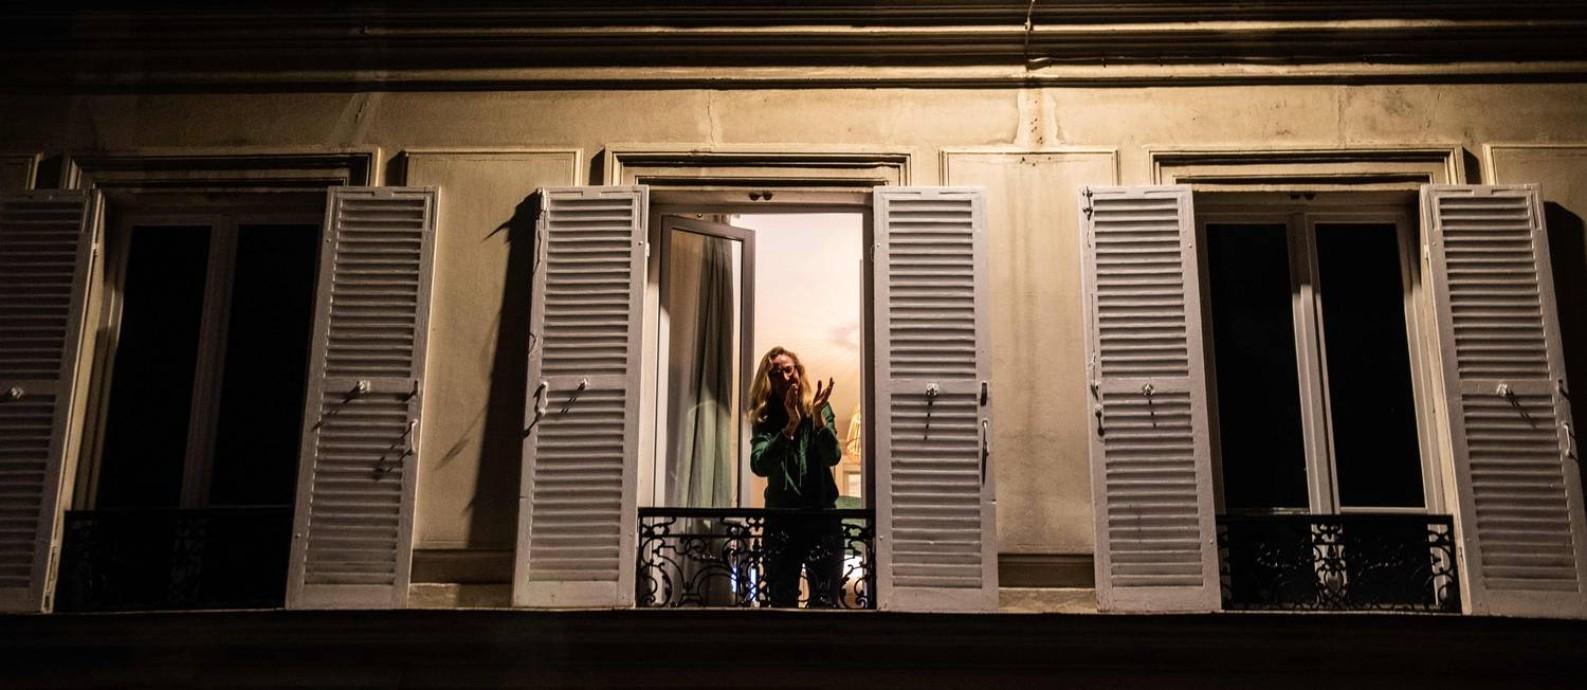 Recolhidos em casa, parisienses aplaudem os profissionais de saúde que trabalham para conter a Covid-19 Foto: MARTIN BUREAU / AFP